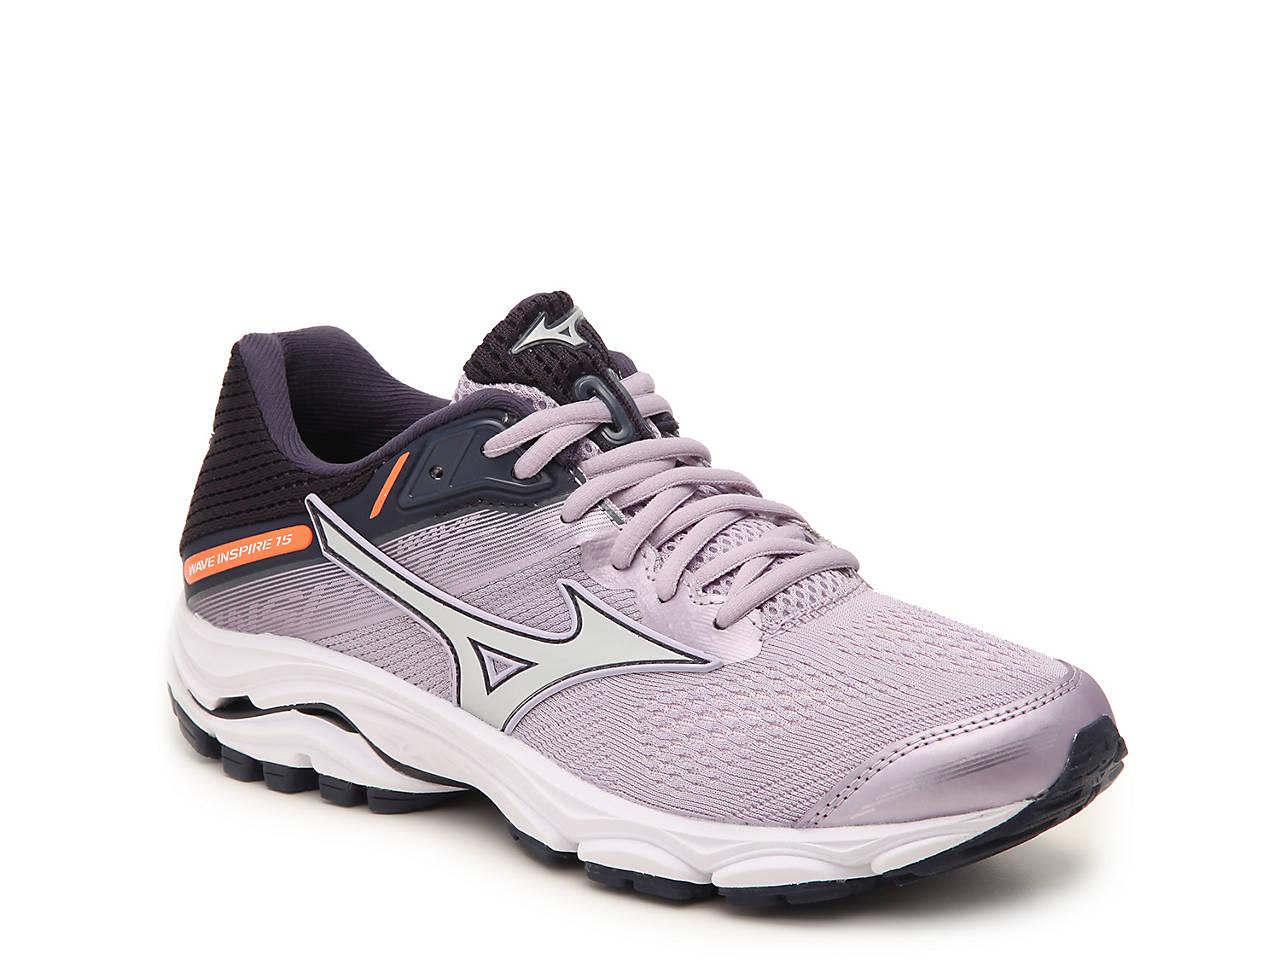 4d79ede8b965 Mizuno Wave Inspire 15 Running Shoe - Women s Women s Shoes